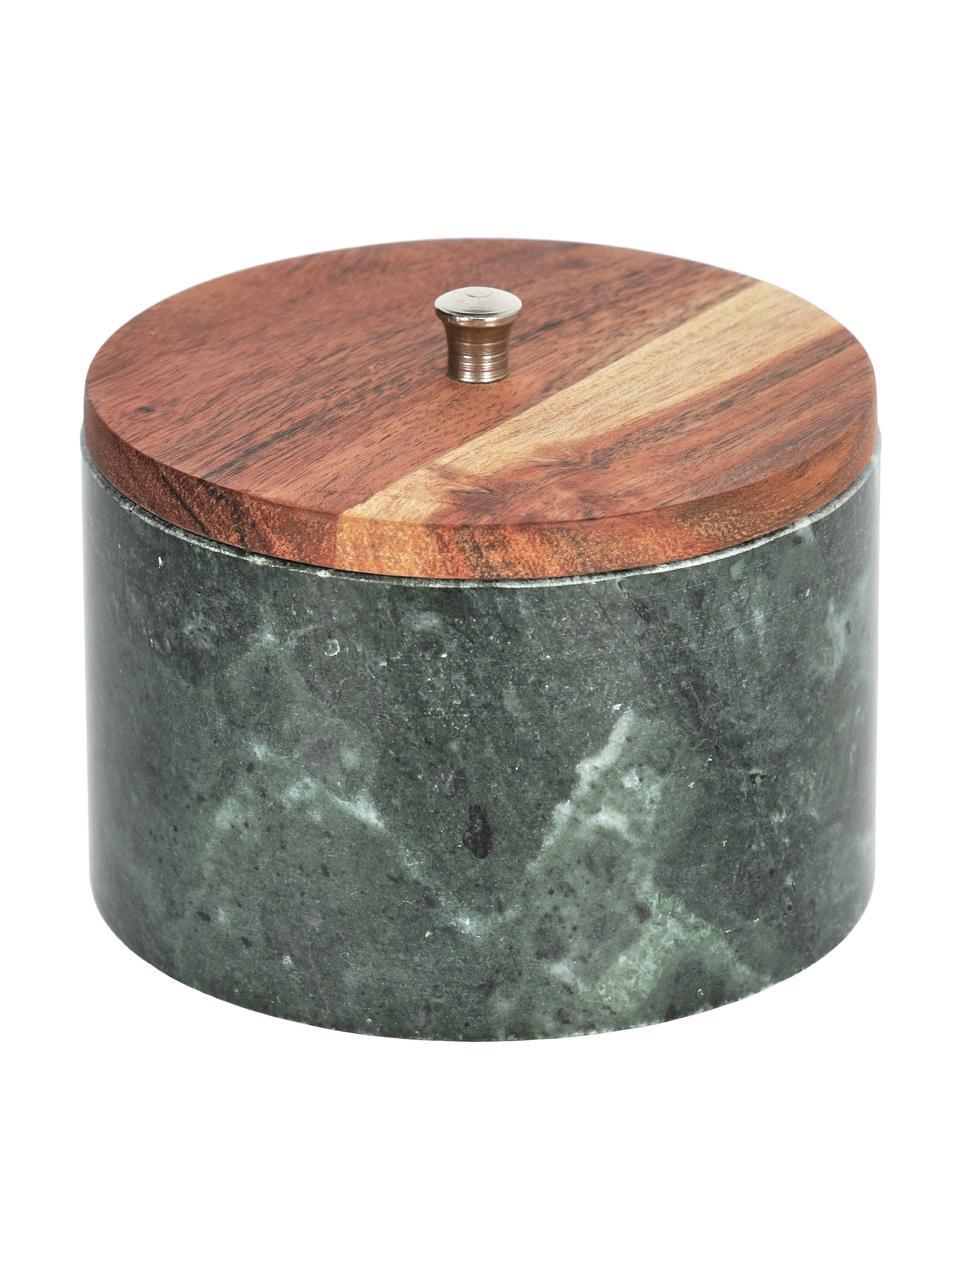 Marmeren opbergpot Karla in groen, Pot: marmer, Deksel: acaciahout, Groen, bruintinten, Ø 13 x H 10 cm